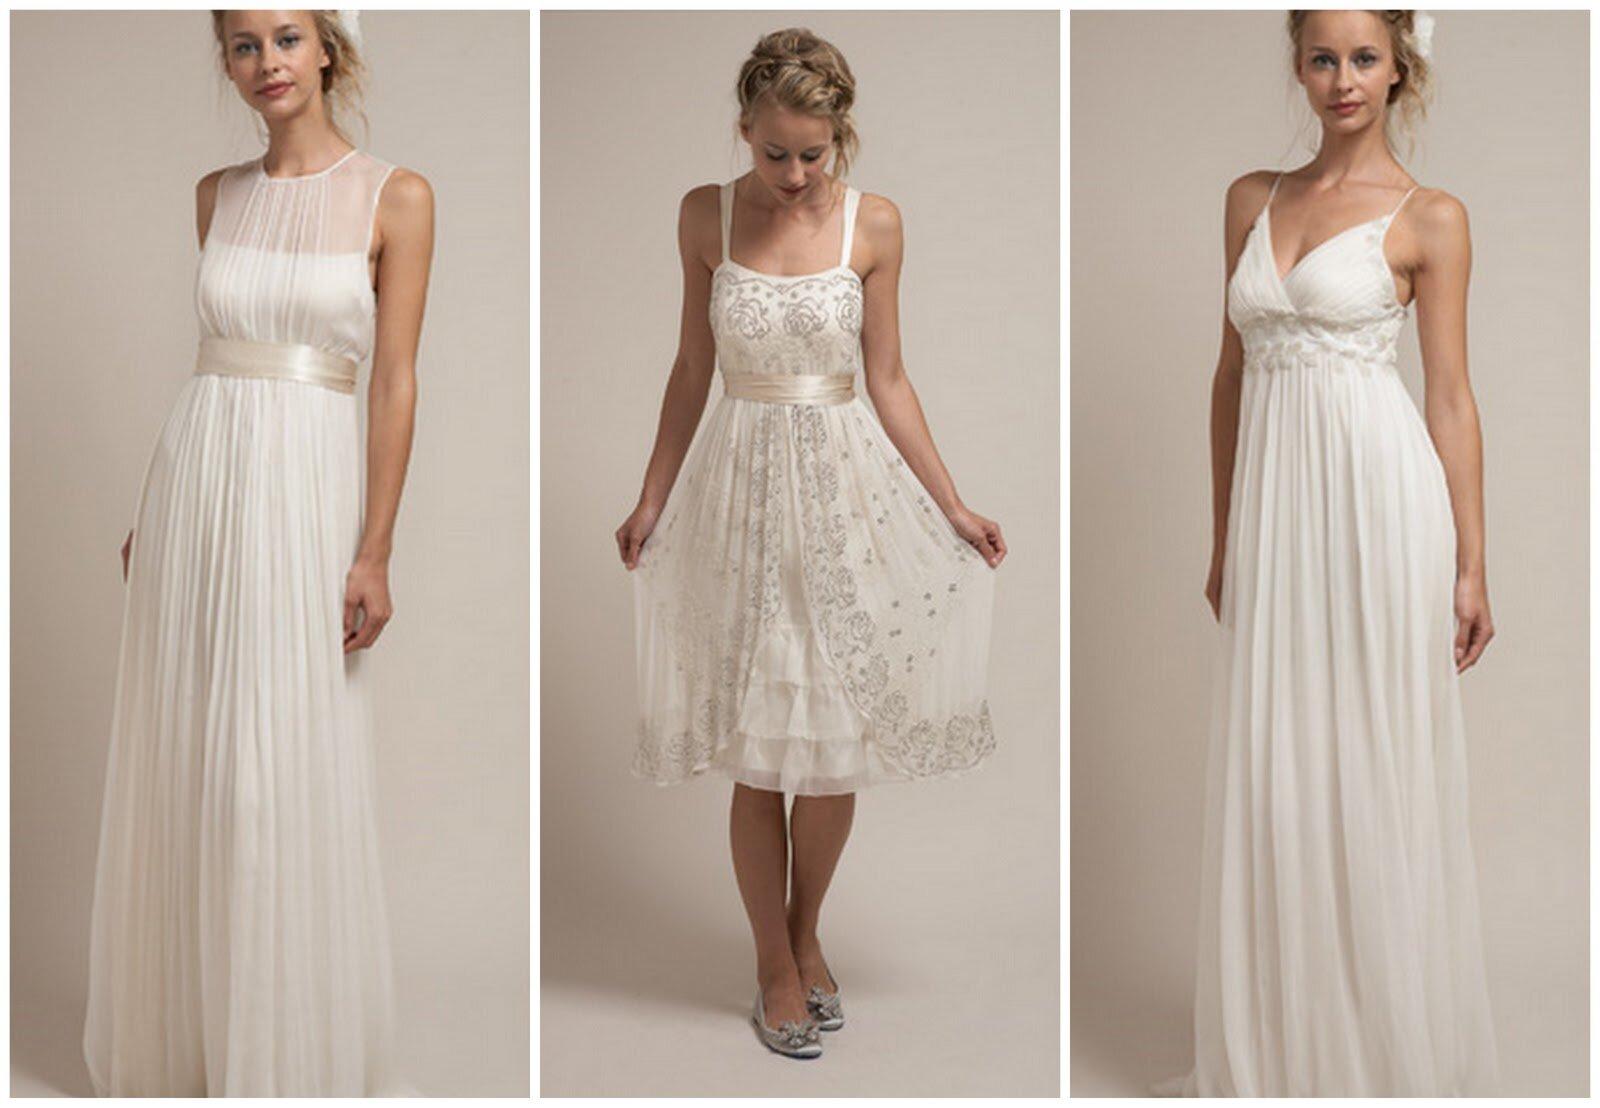 June wedding dress ideas dress collection 2018 june wedding dress ideas ombrellifo Images